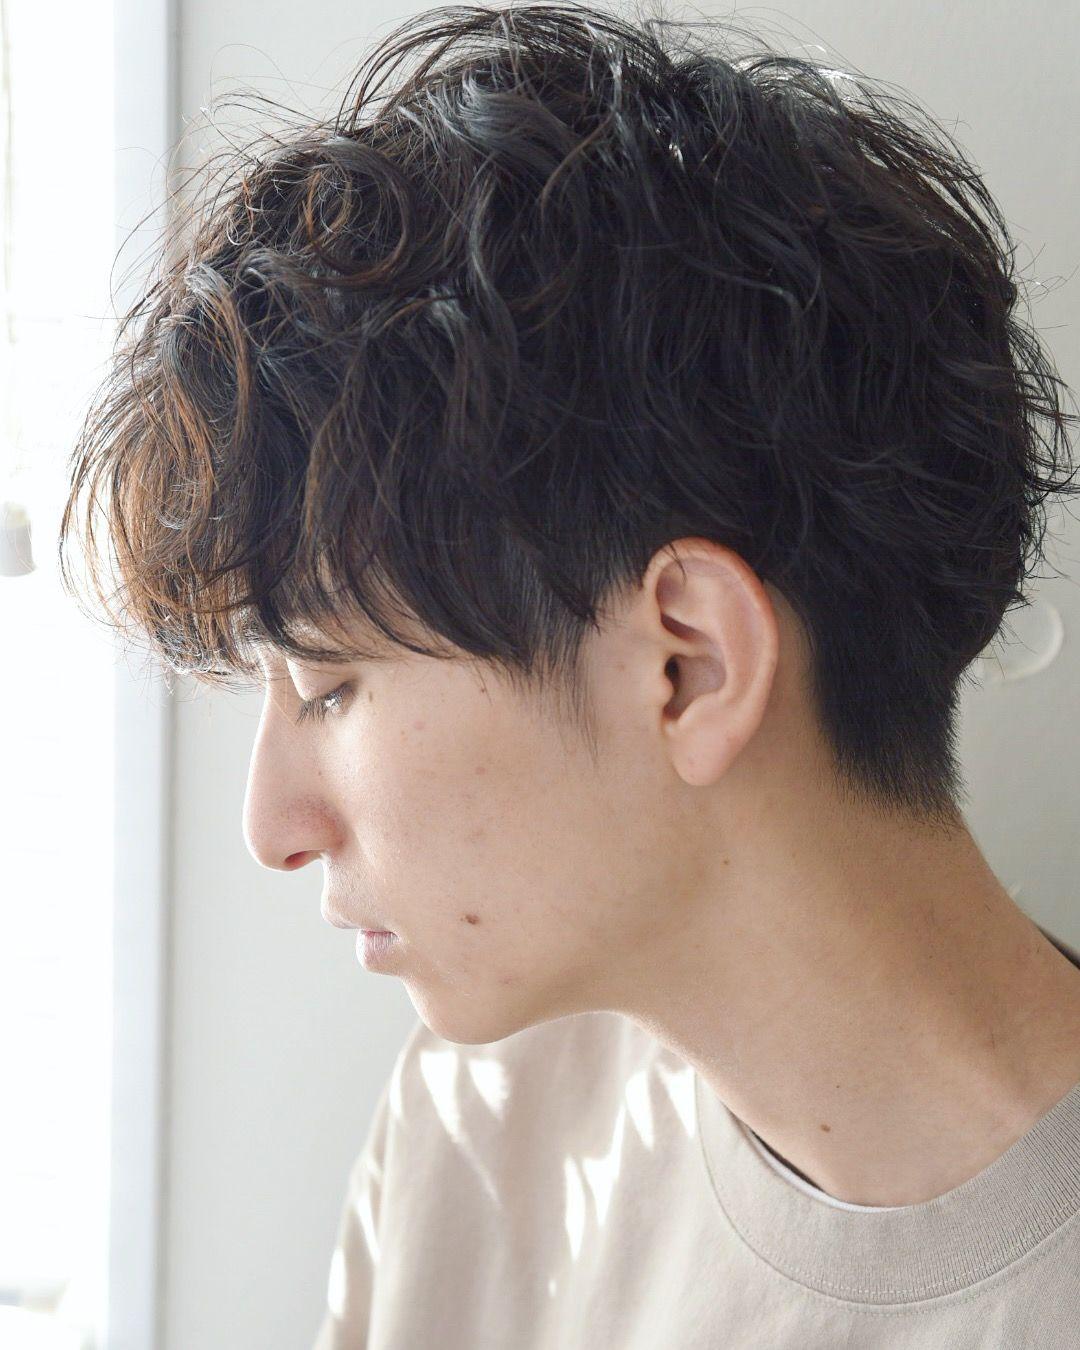 似合わせ黒髪大人ショートはウェットな質感に 阿藤俊也 L008863312